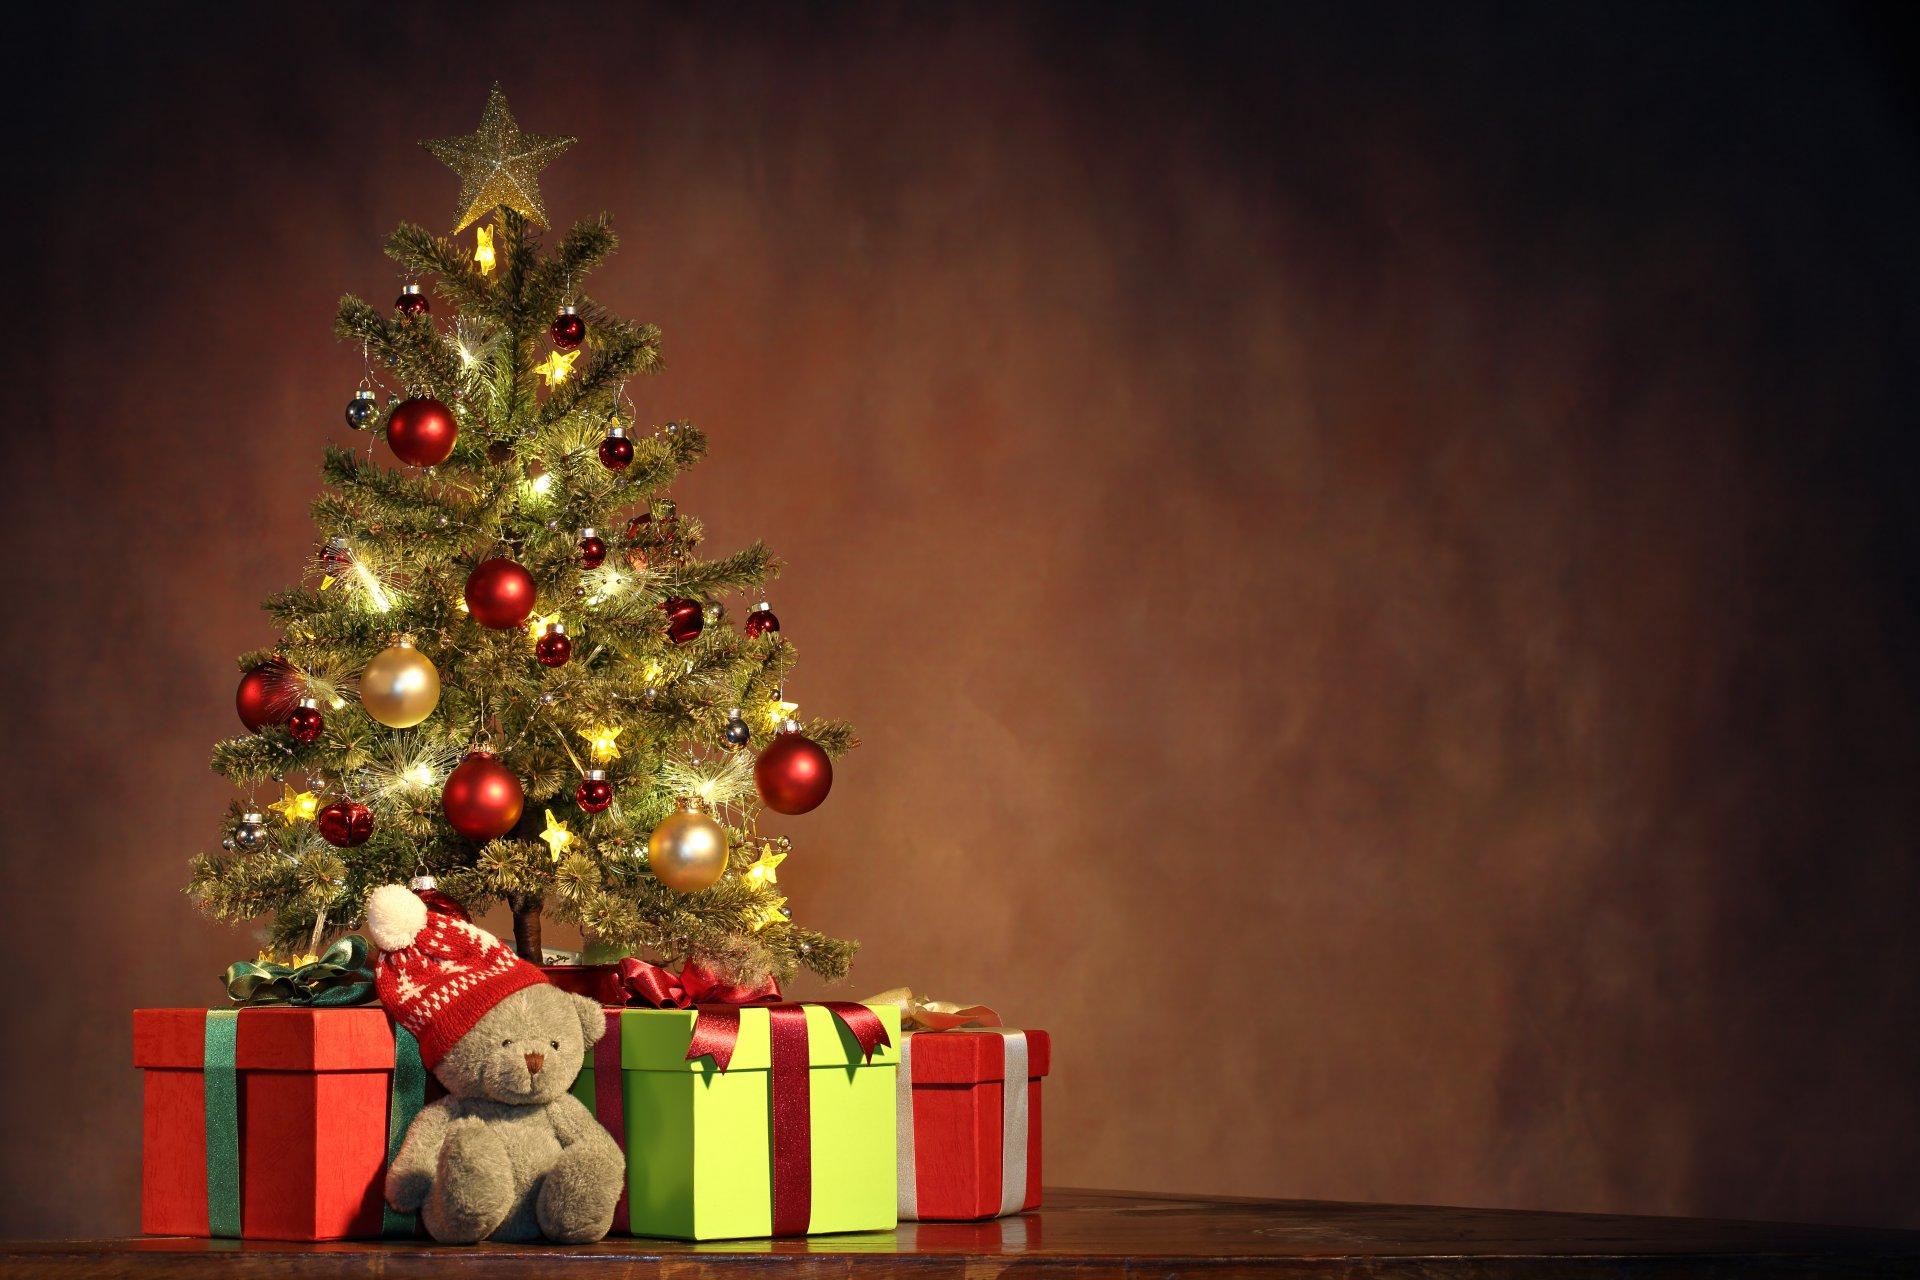 Картинка подруг, новогодние картинки с подарками и елочкой